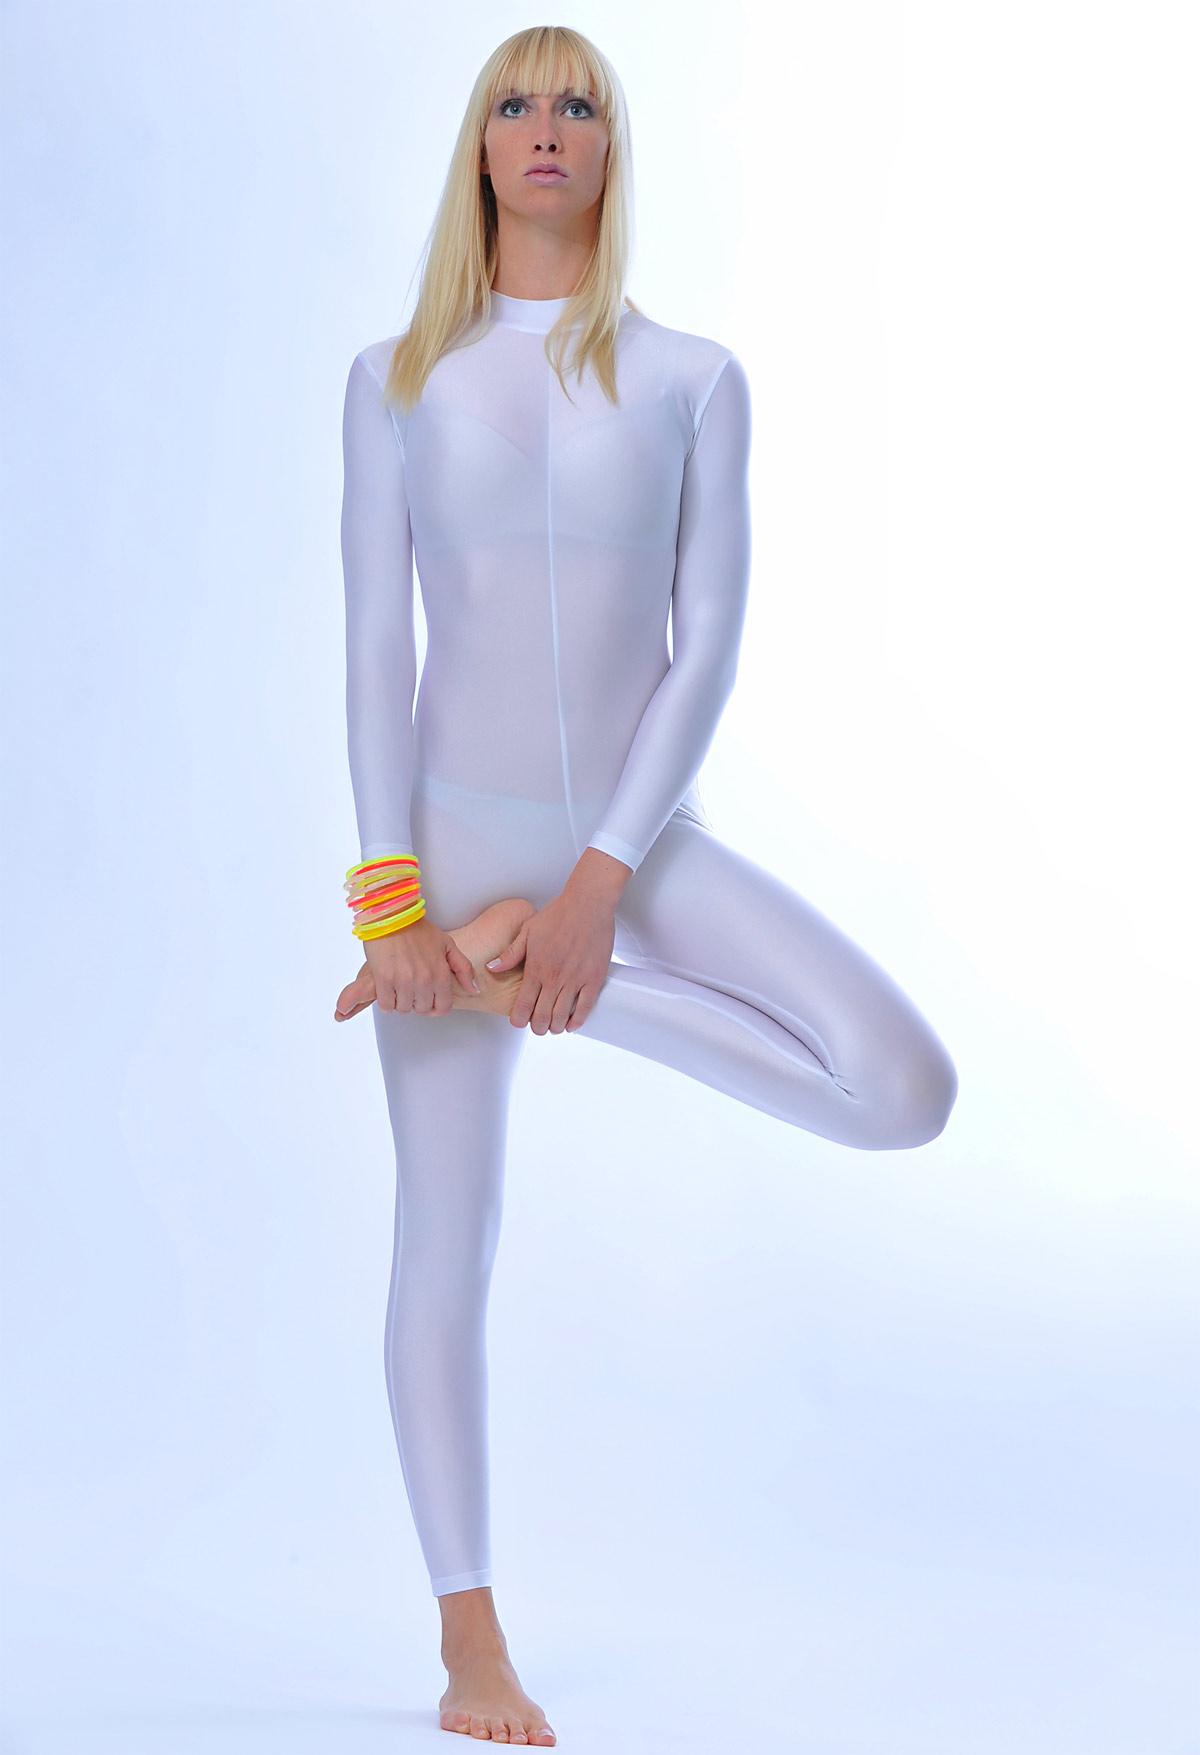 Girl in spandex